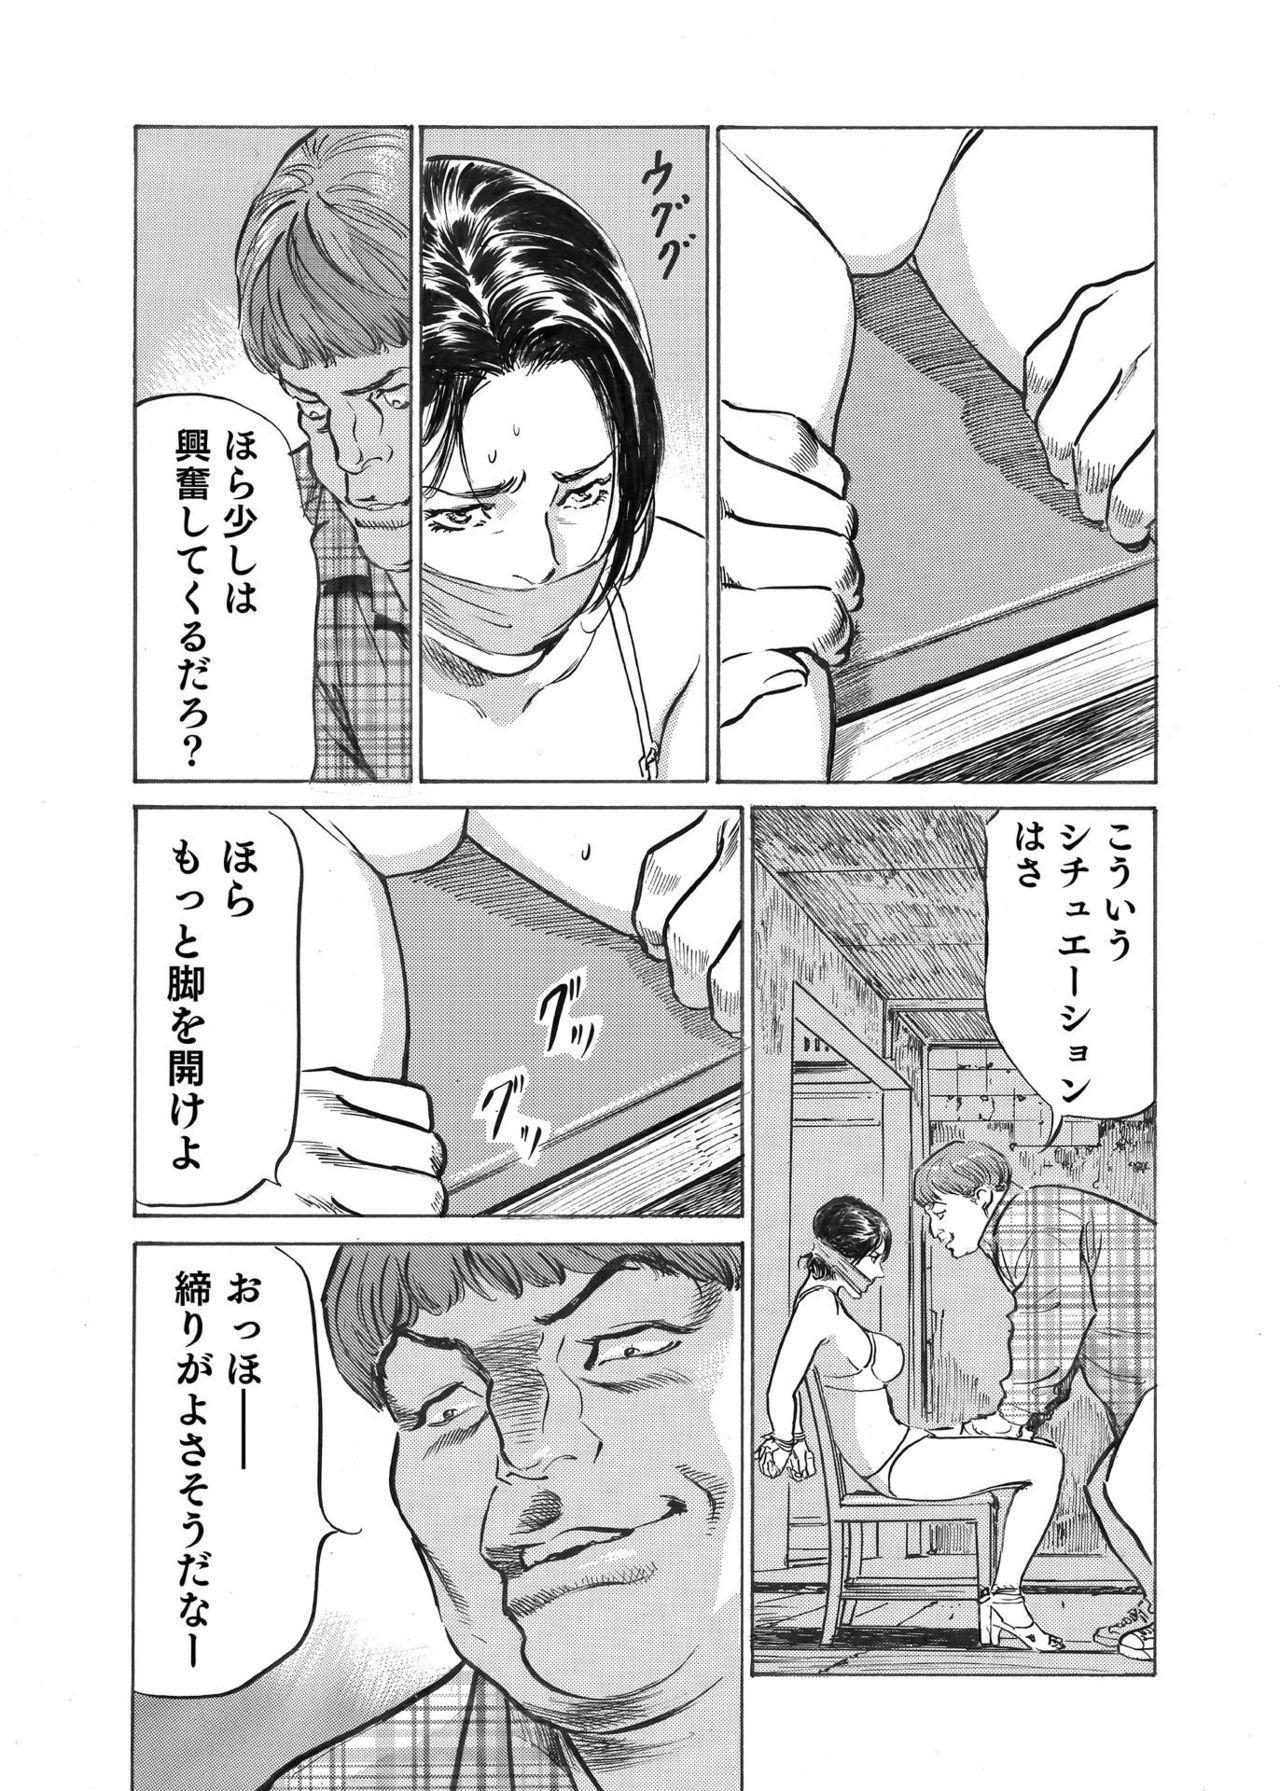 Ore wa Tsuma no Koto o Yoku Shiranai 1-9 182